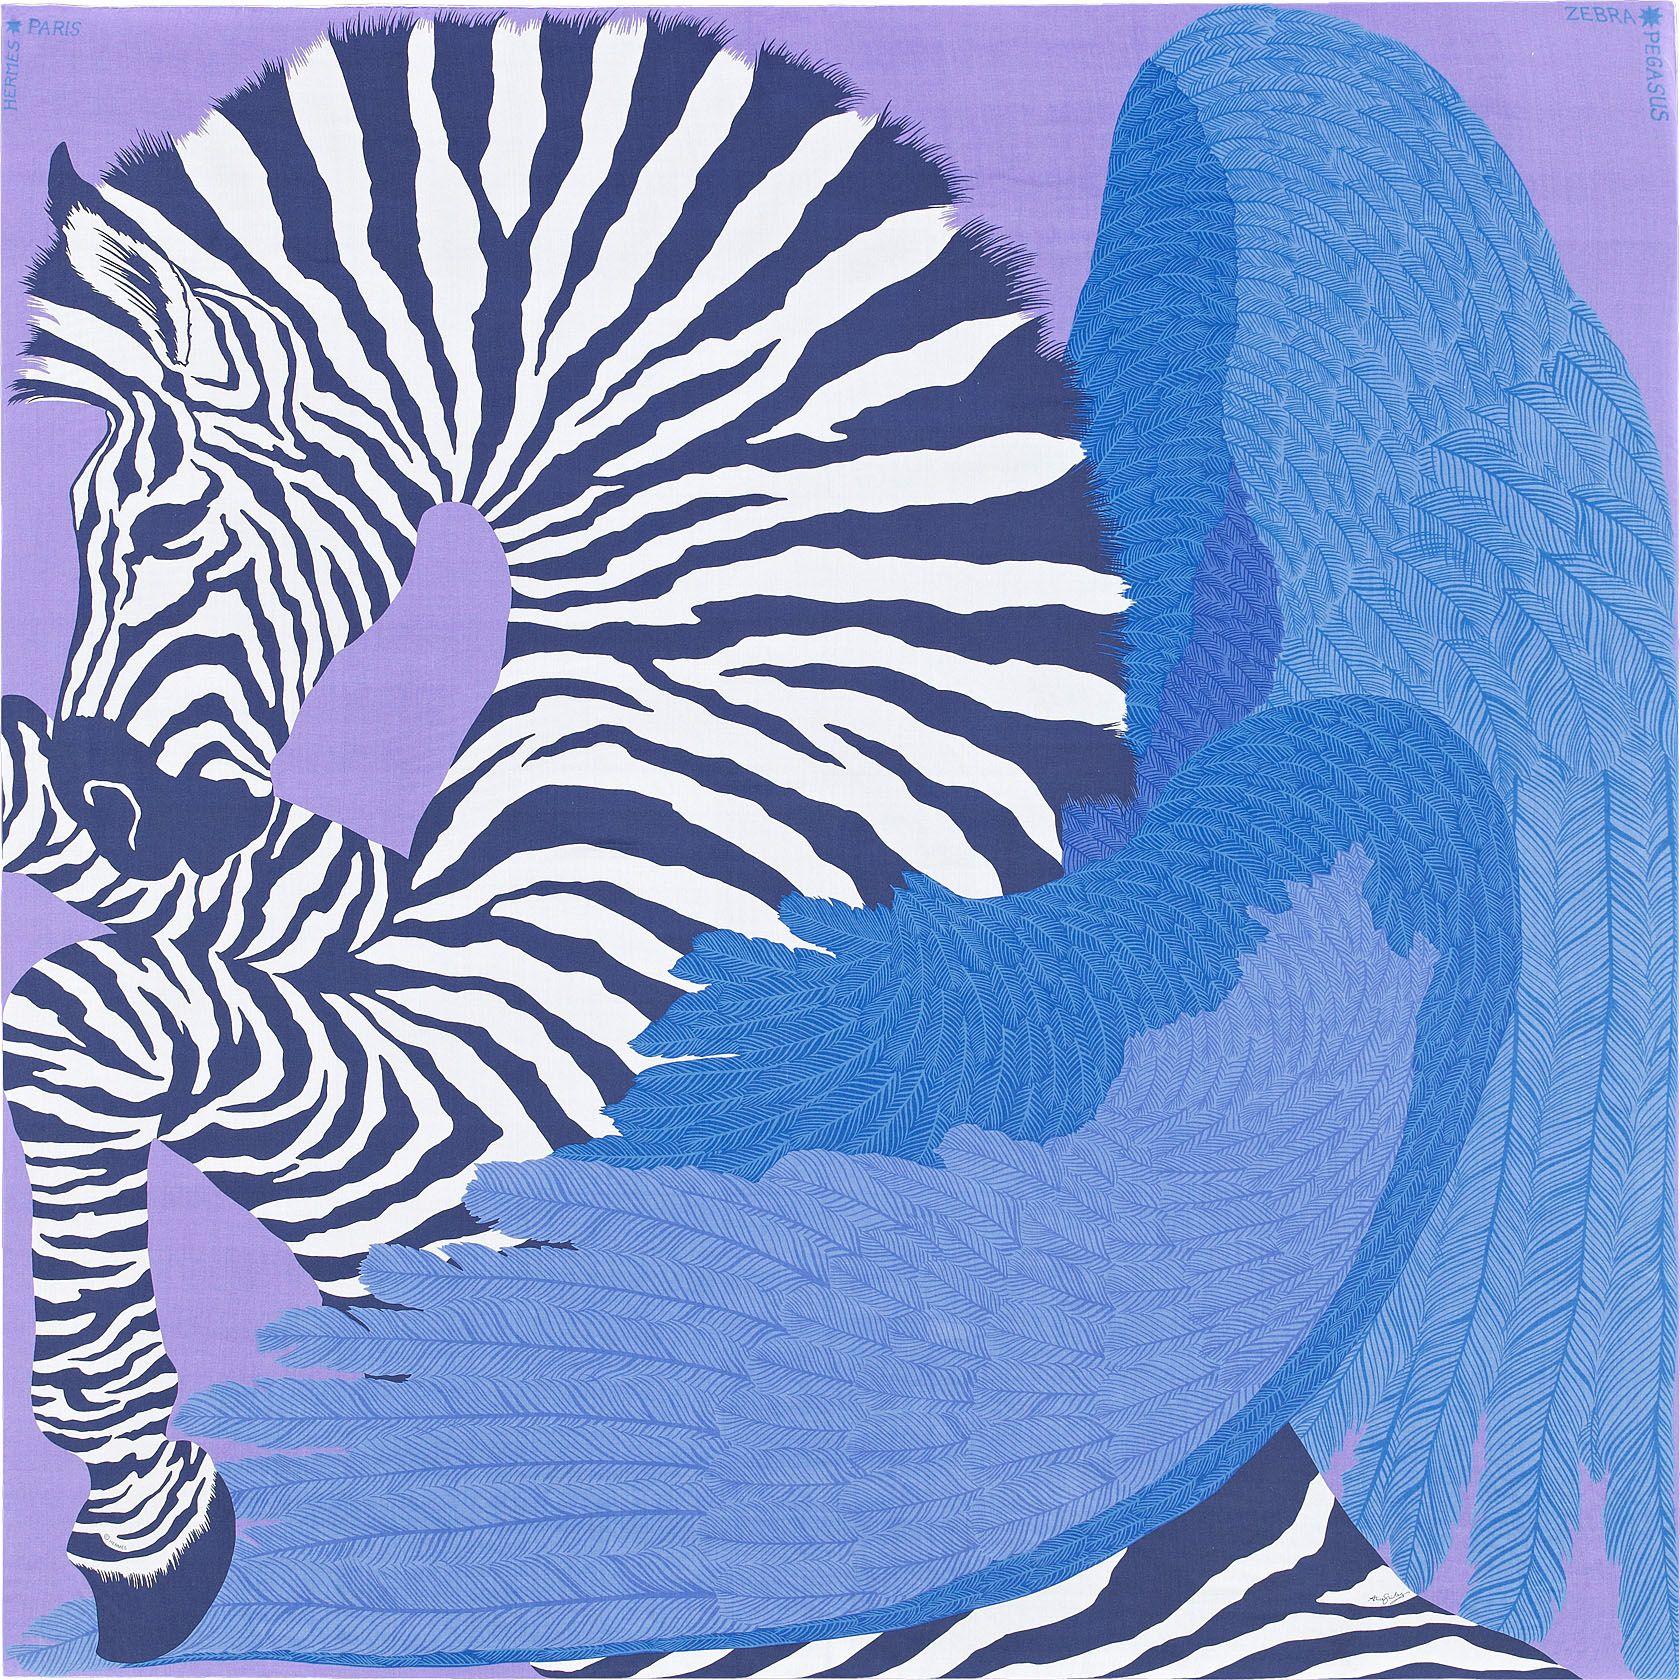 Châle 140 x 140 cm Hermès   Zebra Pegasus   Écharpes hermes ... 0434c3c36e0